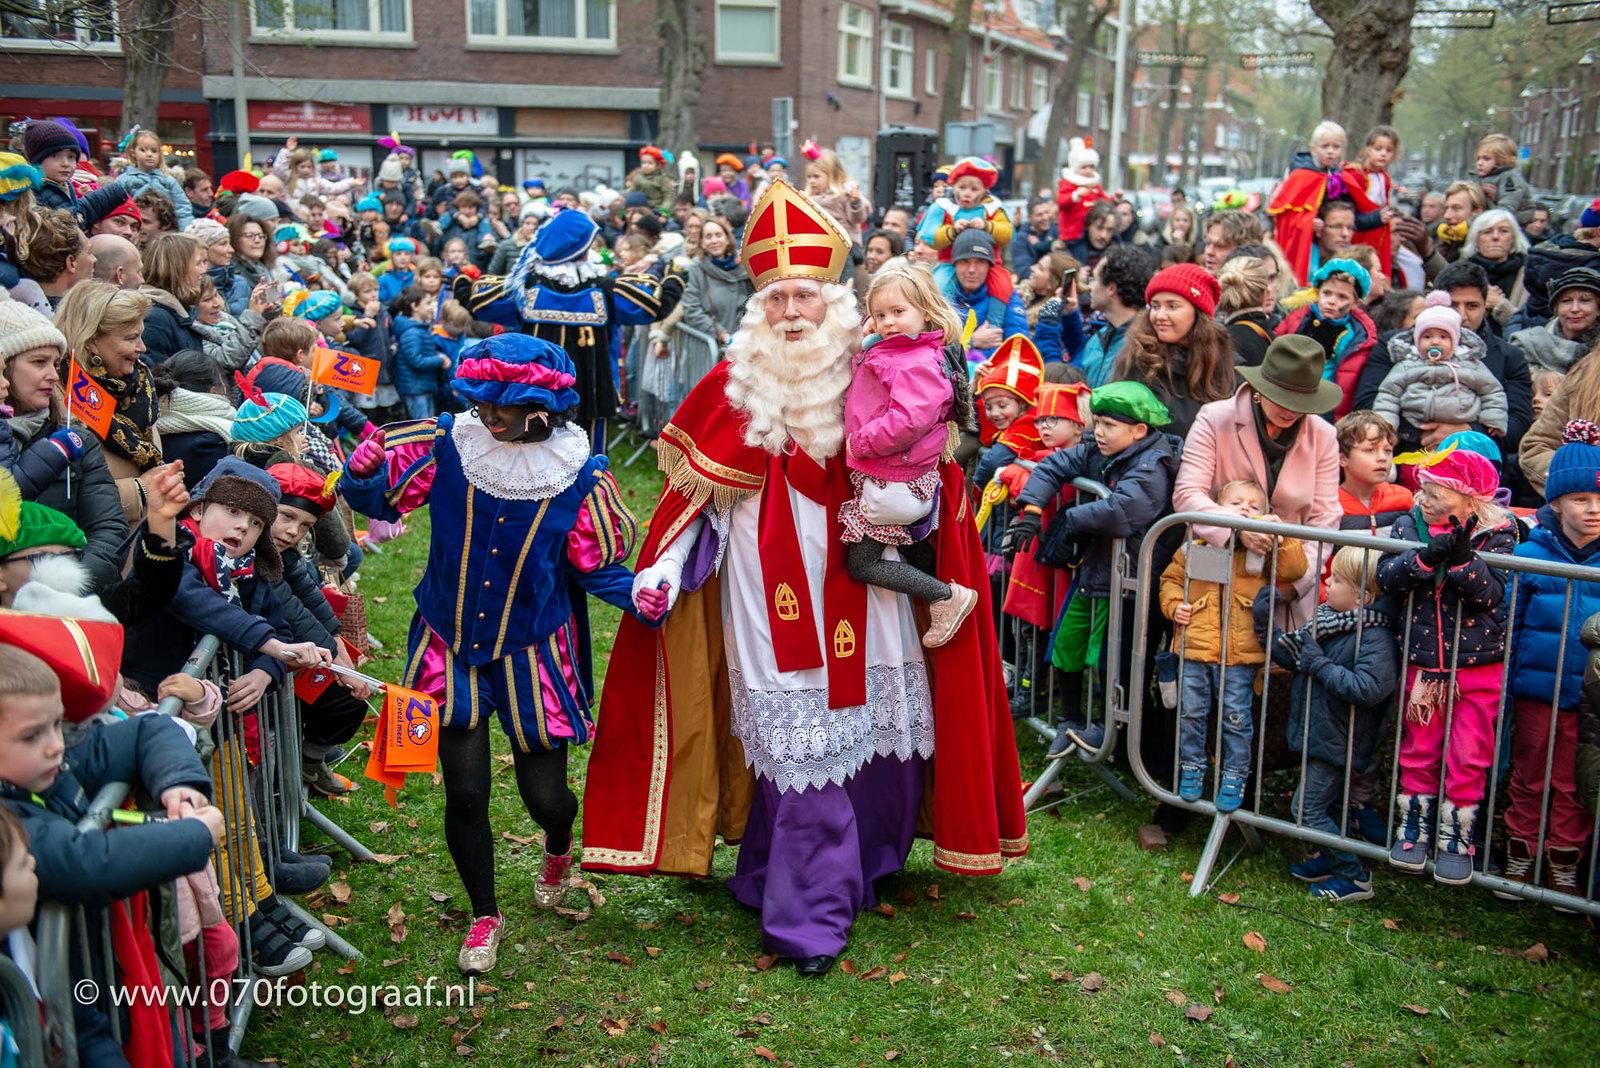 Sinterklaas Intocht Benoordenhout Den Haag 2018 070fotograaf